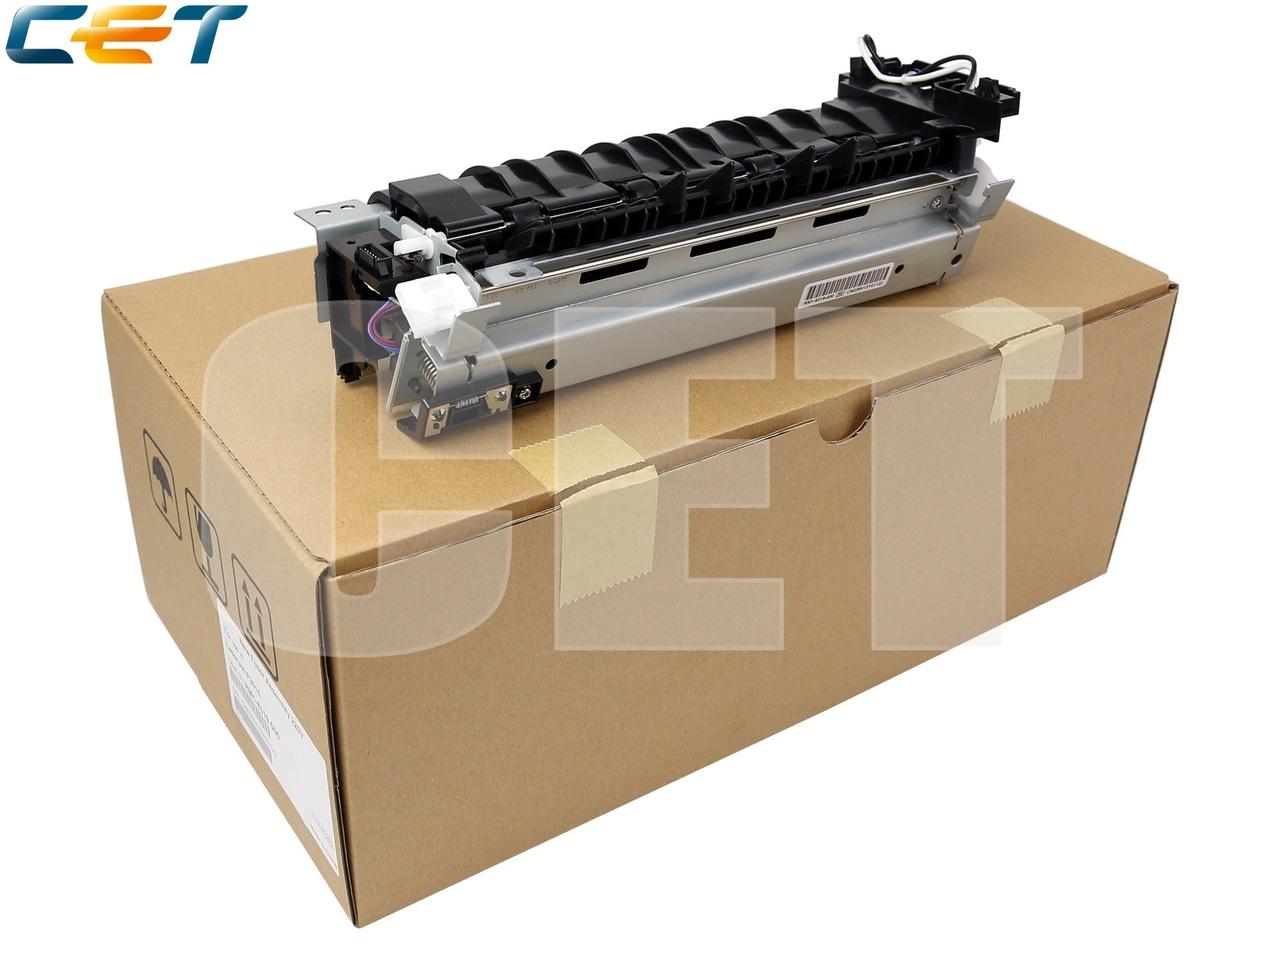 Фьюзер (печка) в сборе RM1-6319-000 для HP LaserJetEnterprise P3015 (CET), CET0202